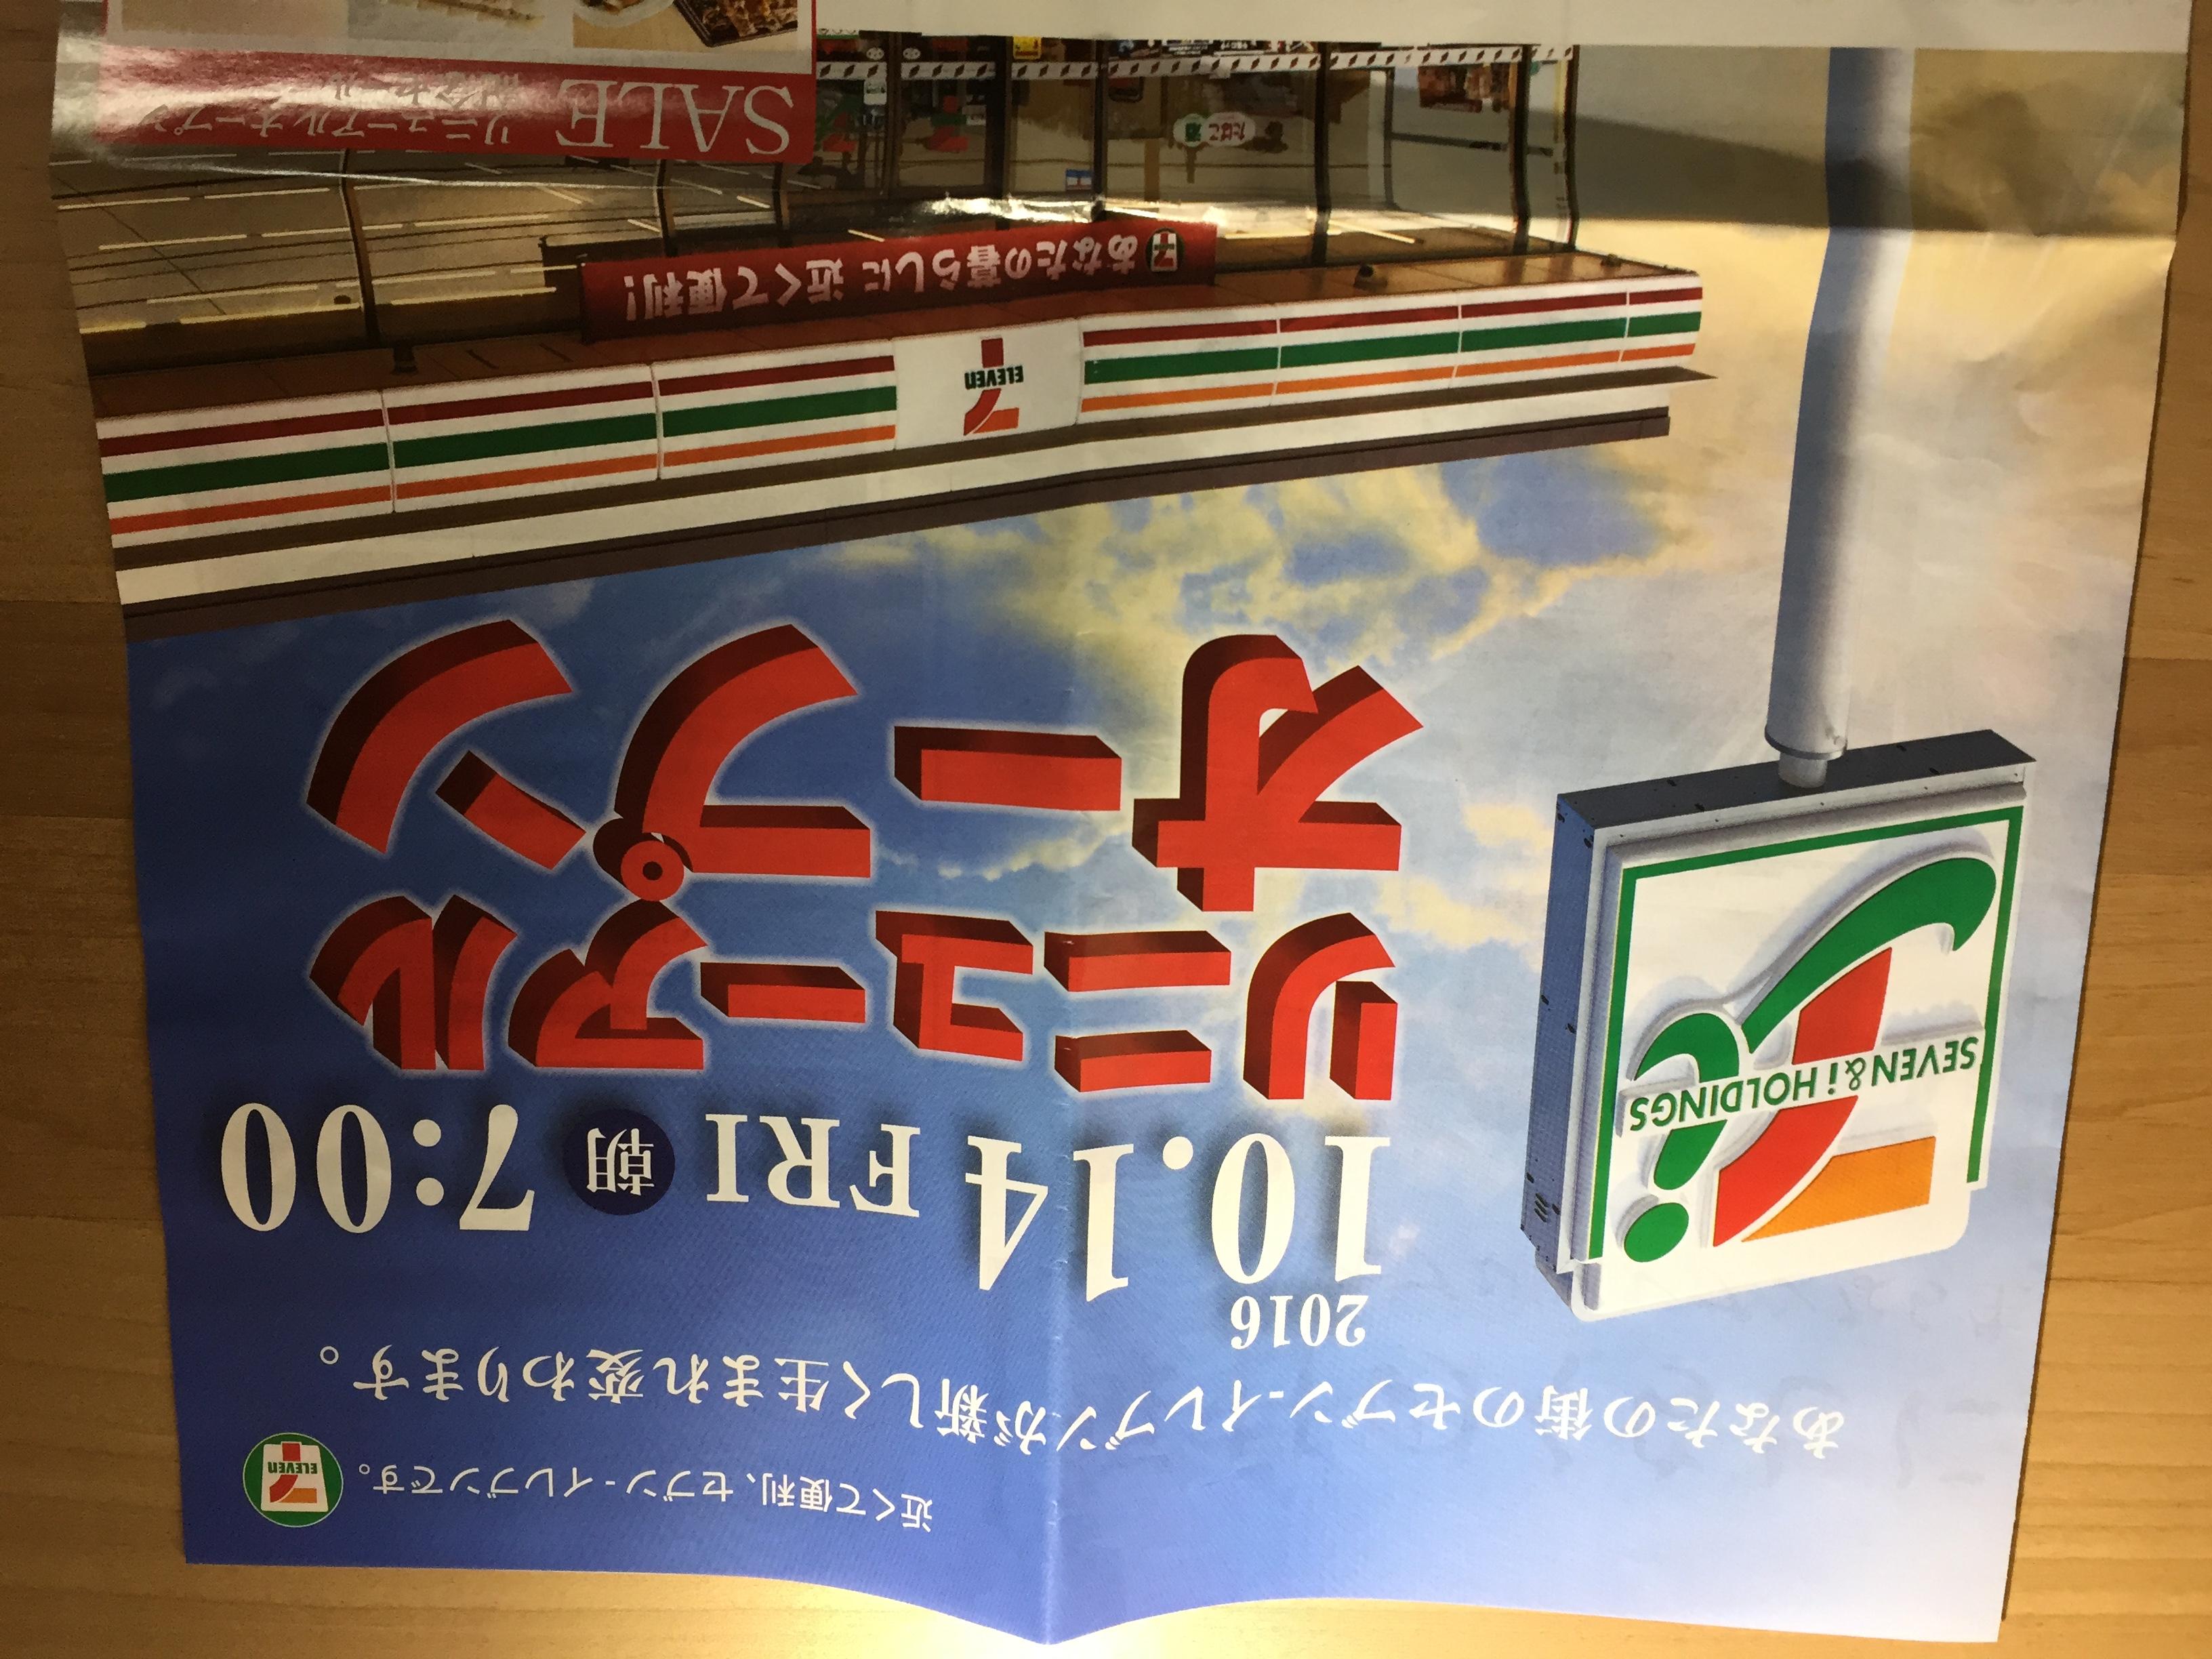 神戸魚崎南町のセブンイレブンが10/14(金)リニューアルオープンしたよ【リニューアル告知】